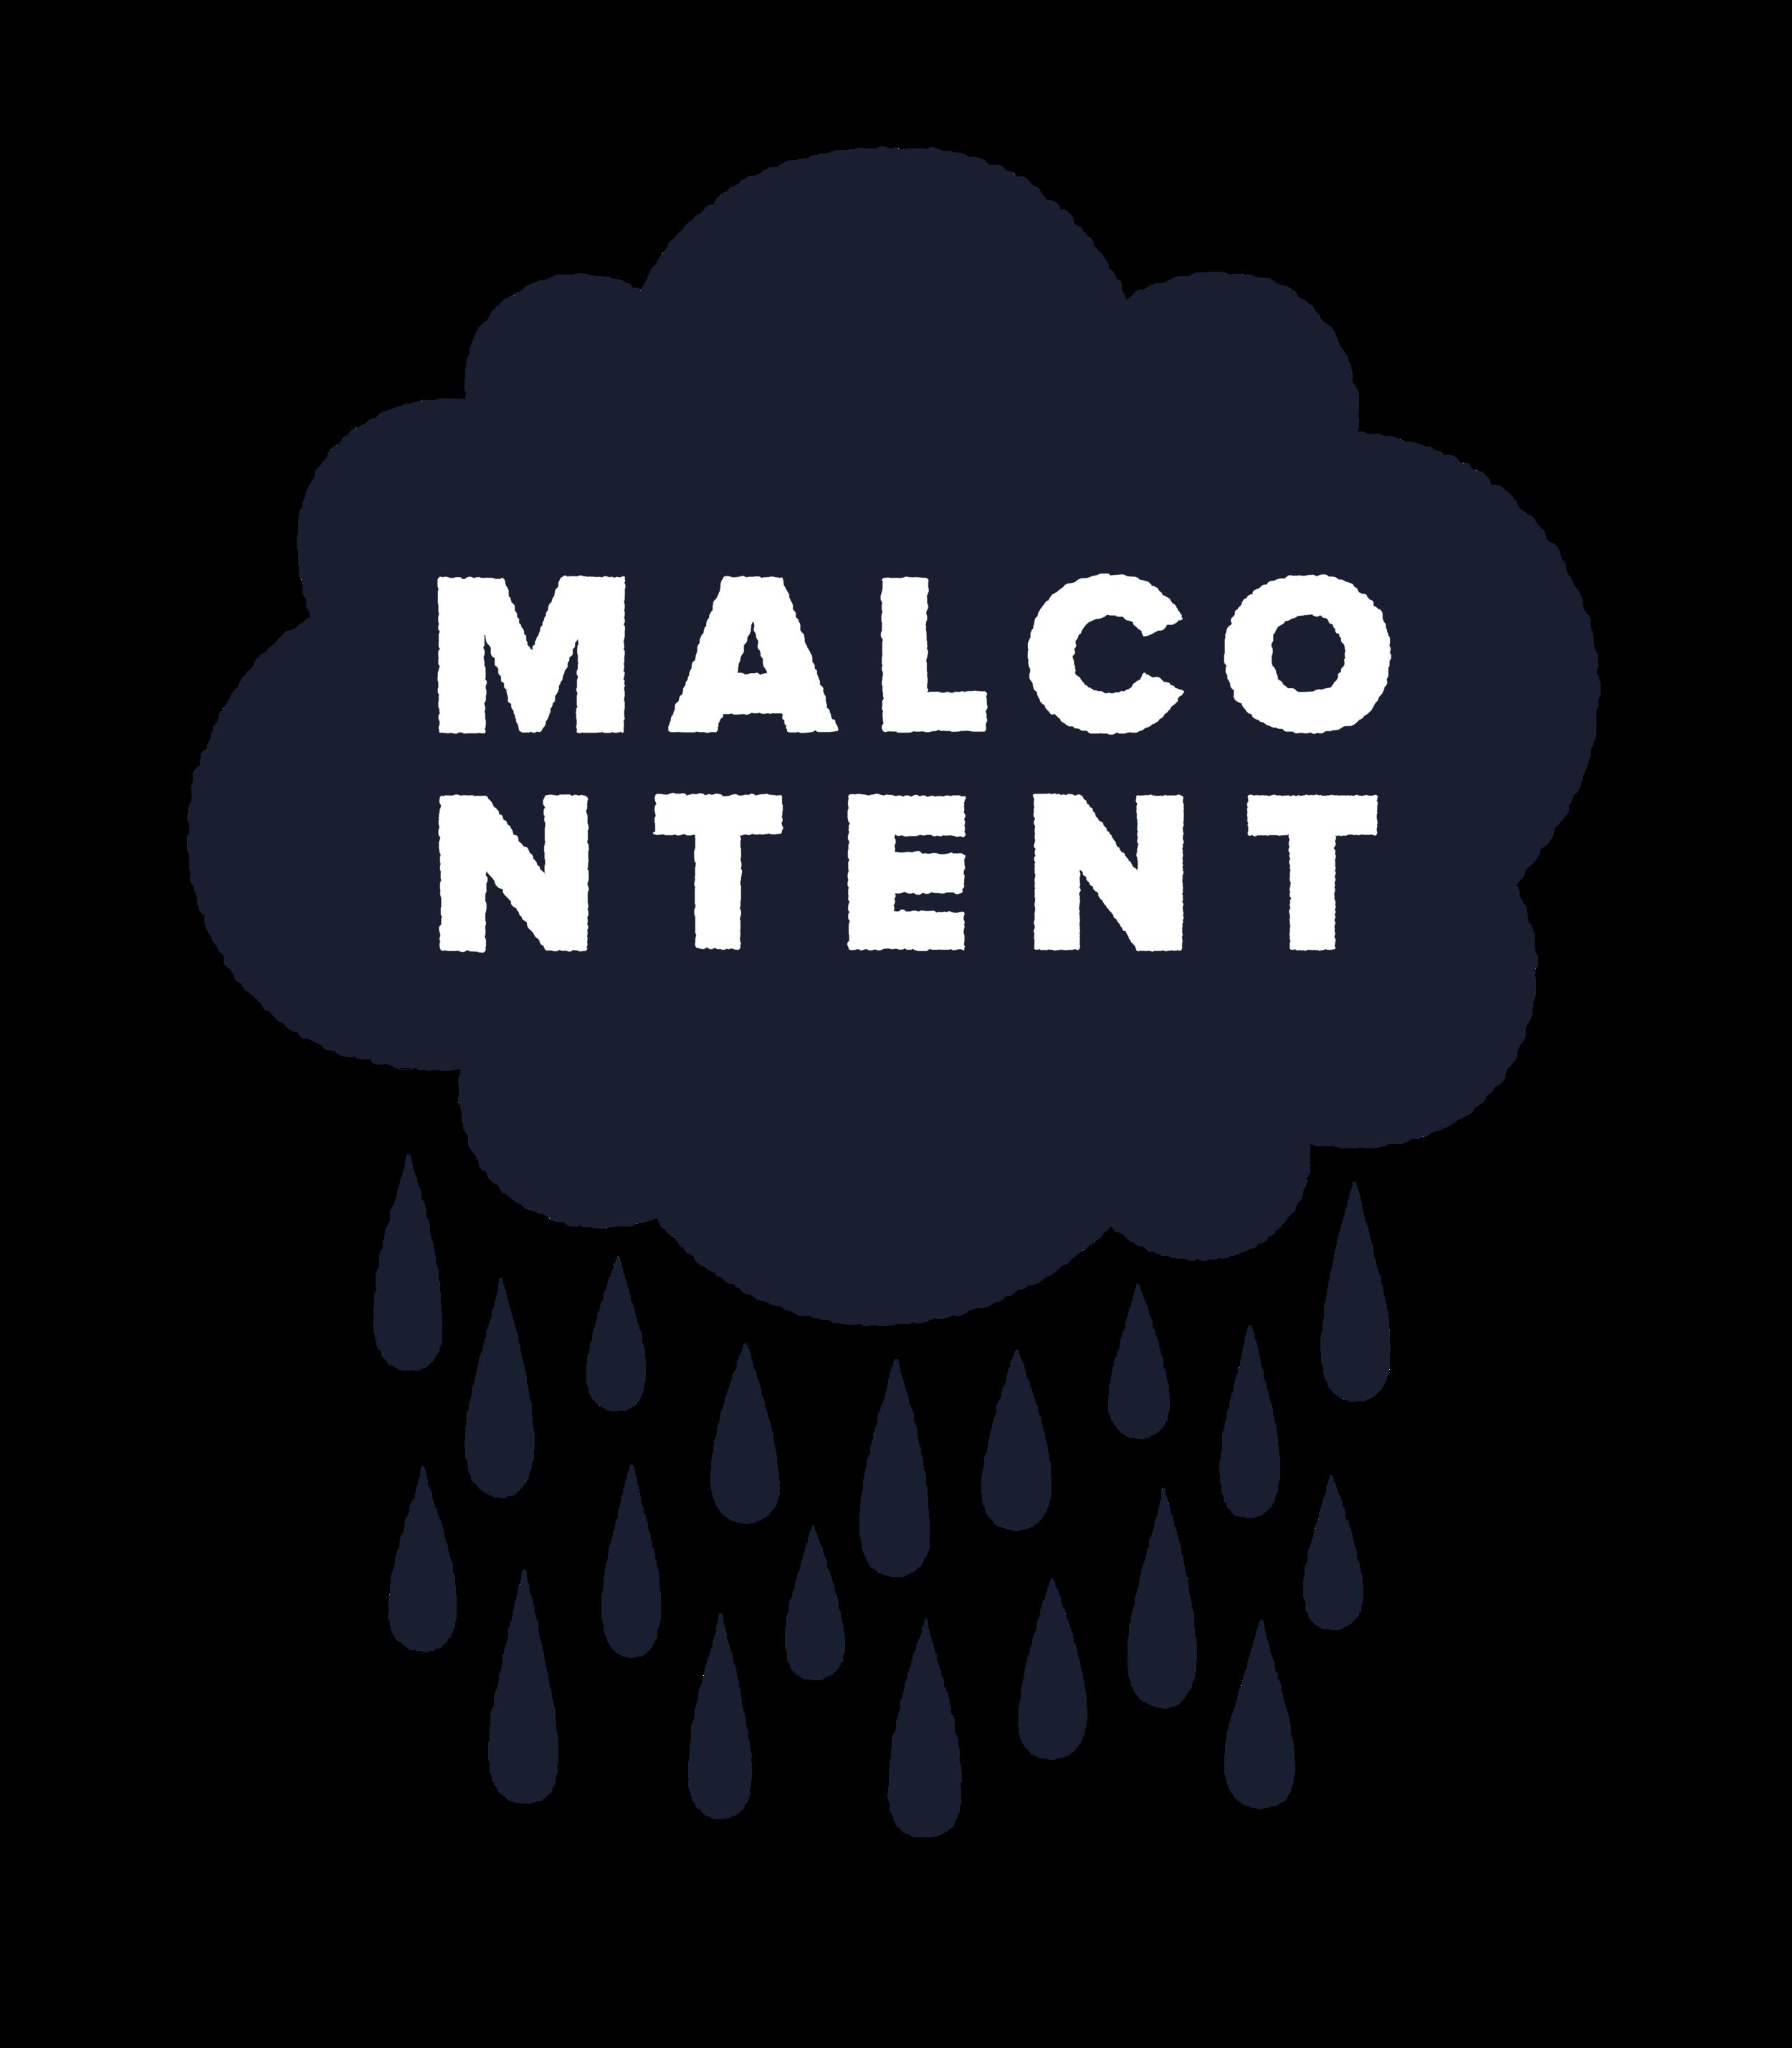 MALCONTENT Cloud